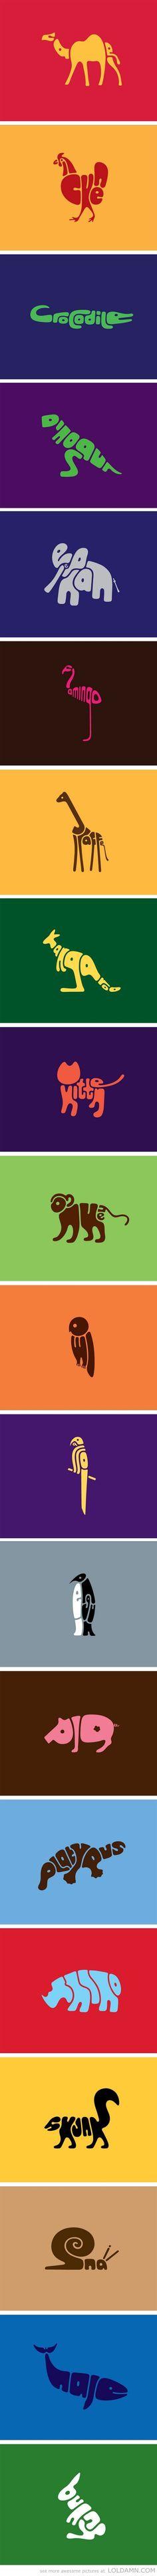 Word Animals- Design